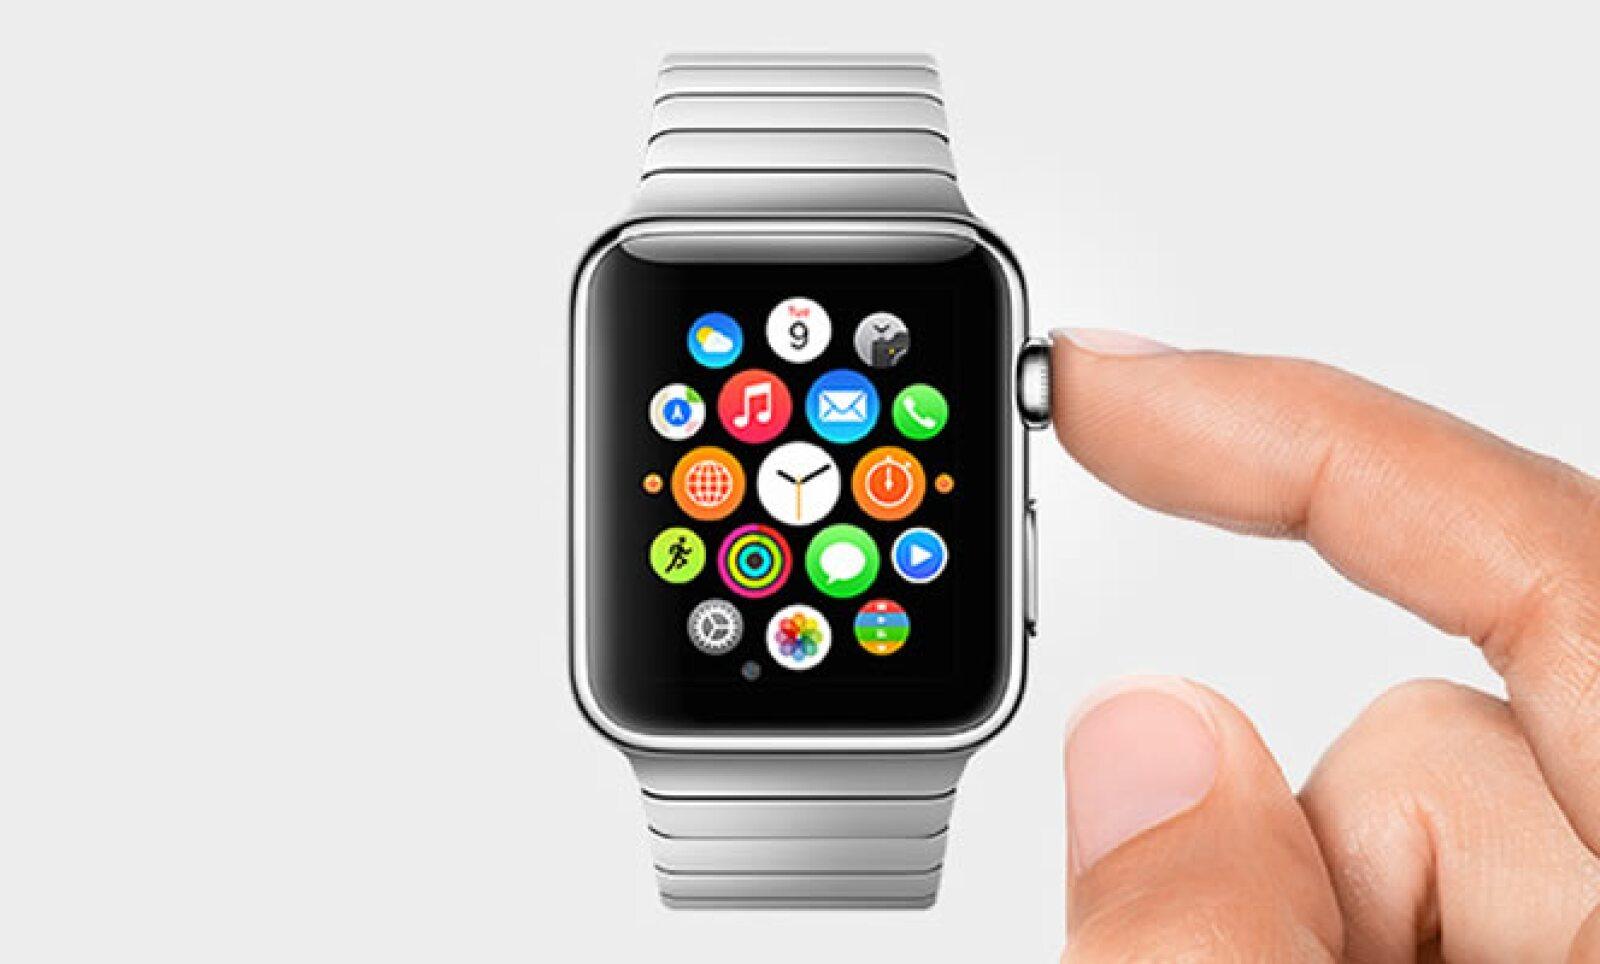 El Watch está equipado con el asistente de voz Siri y también con una aplicación de fotografía.